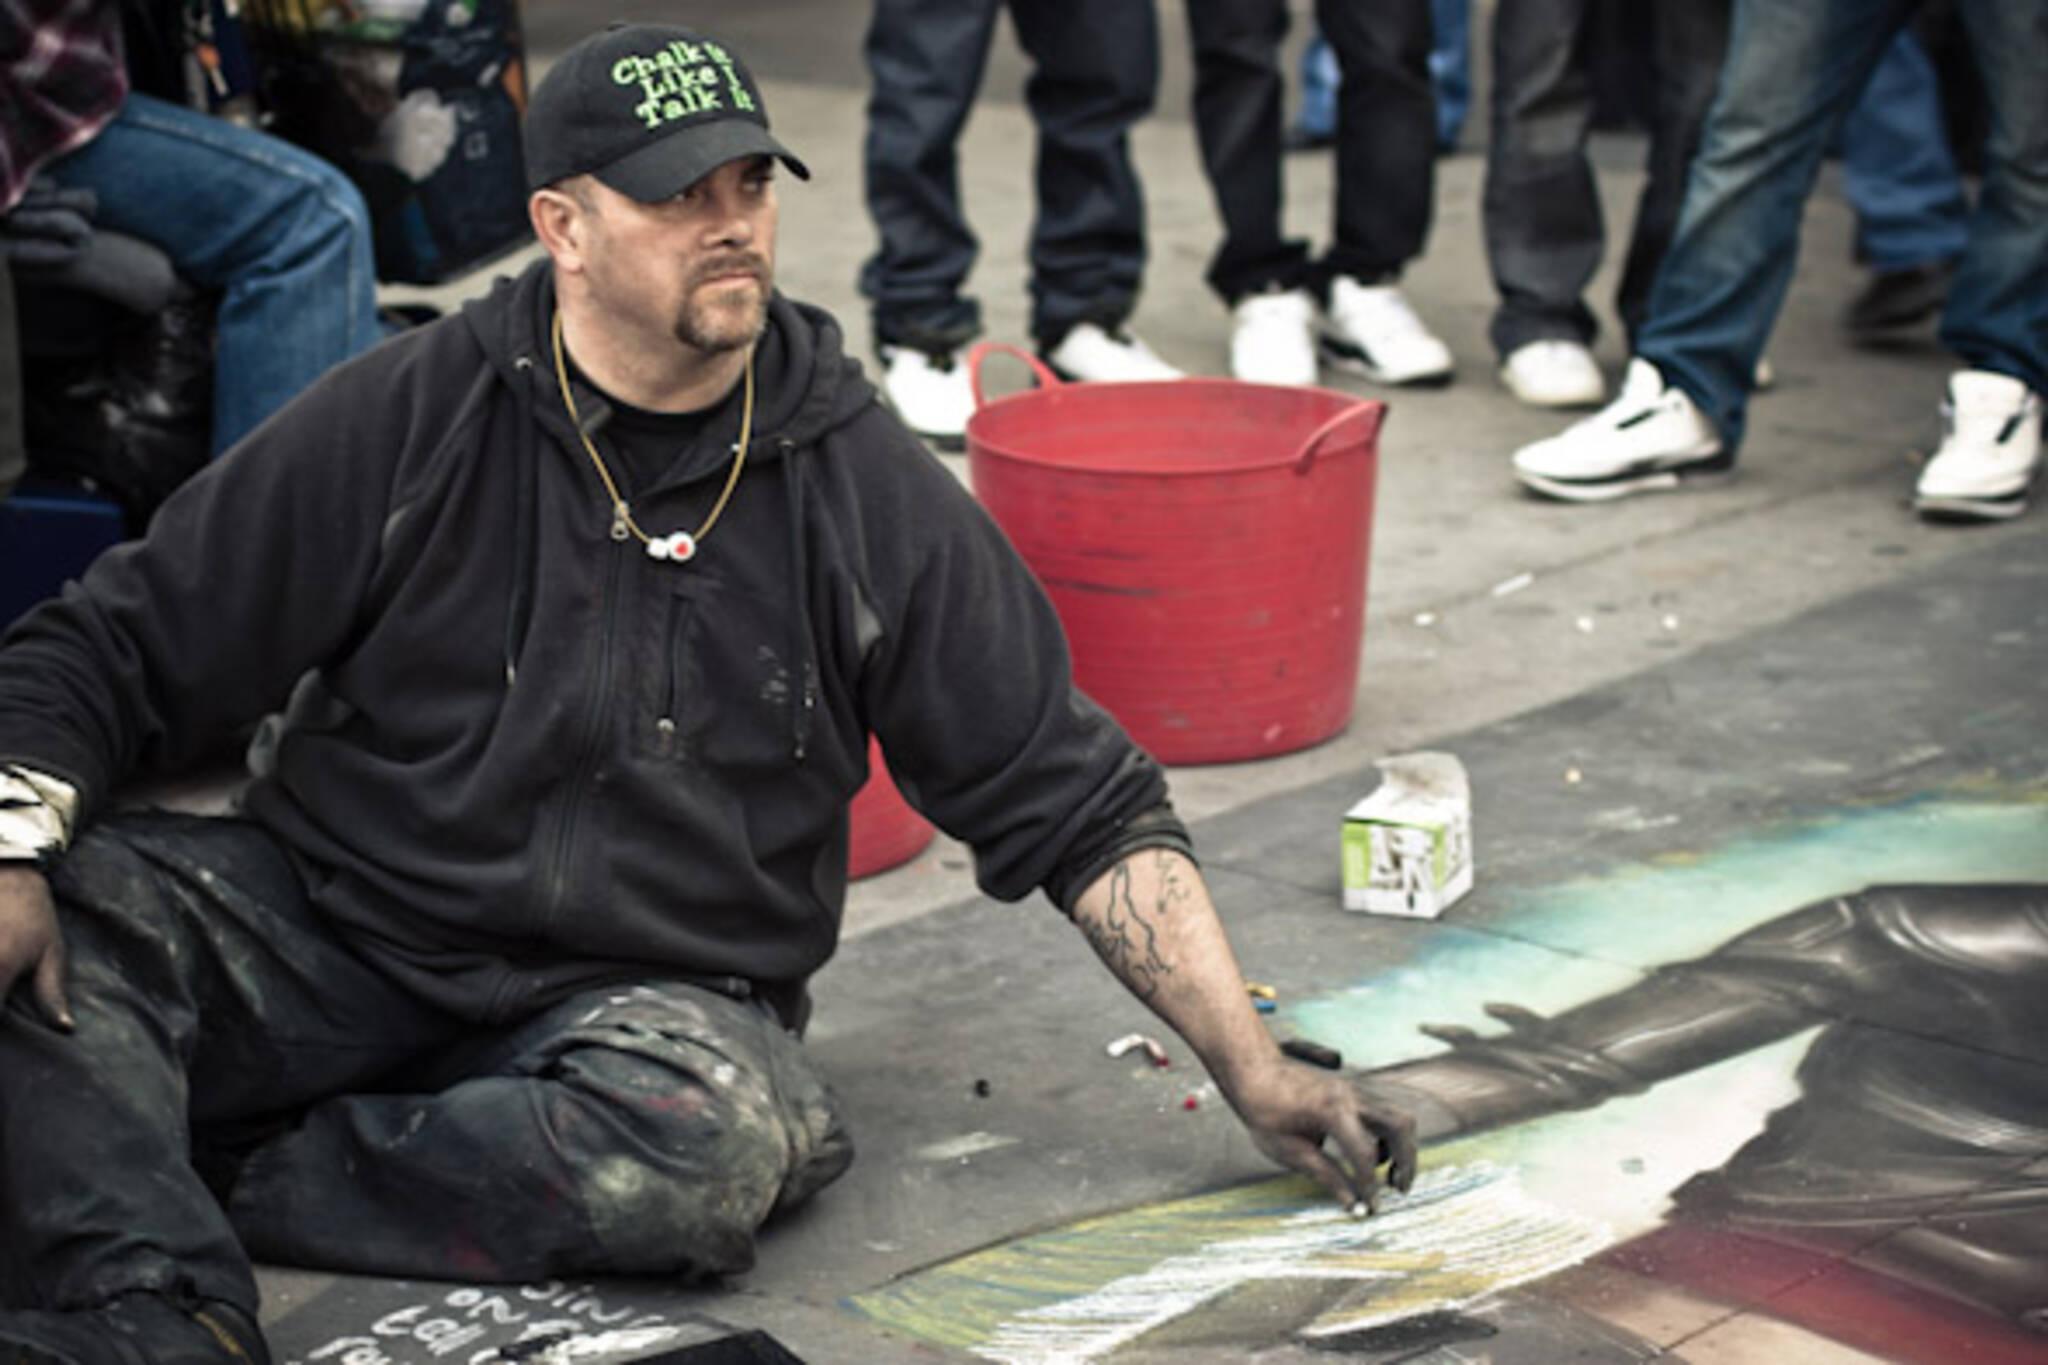 Chalkmaster Dave at Yonge and Dundas